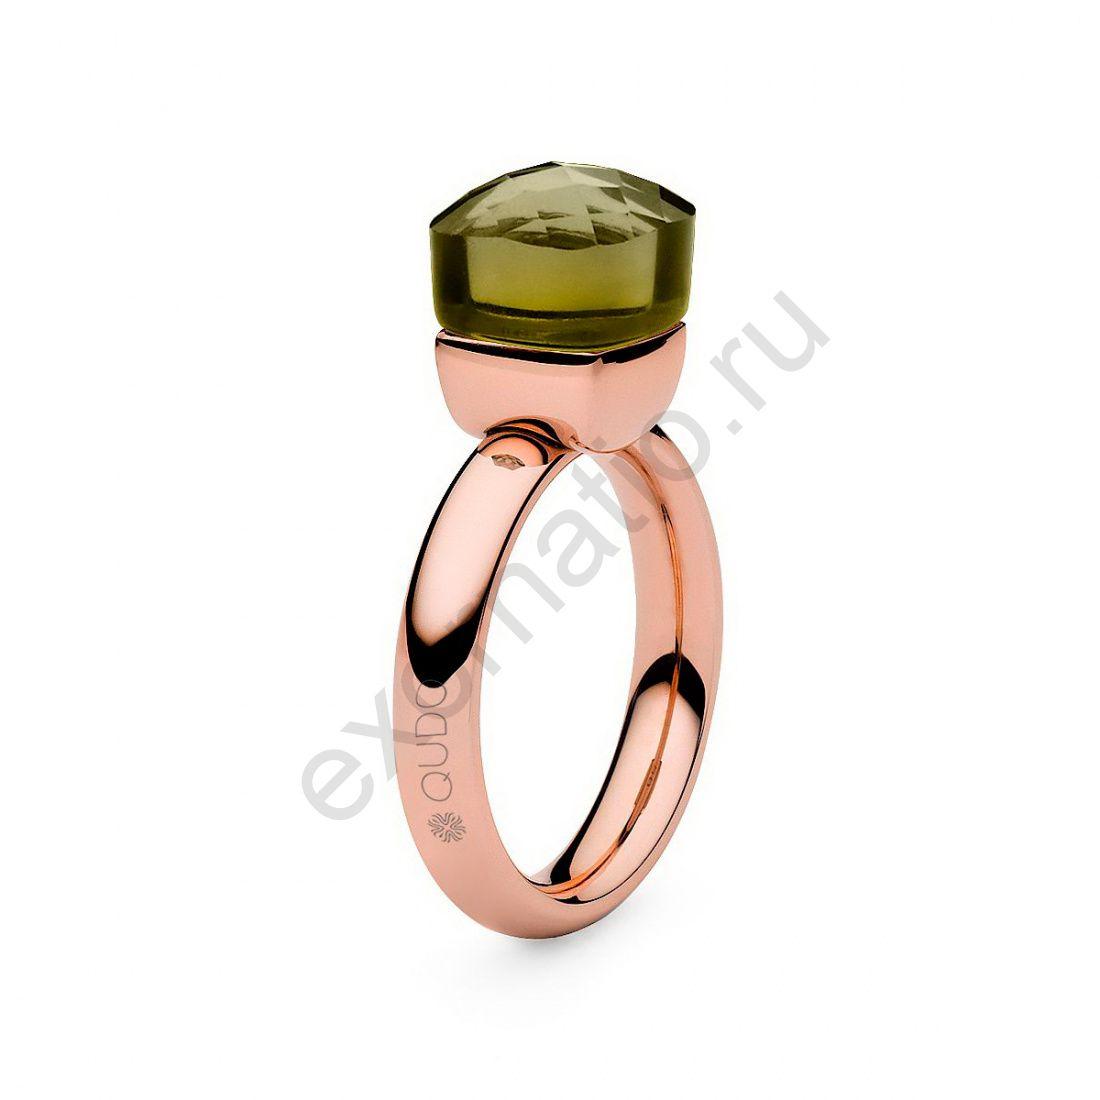 Кольцо Qudo 610785/18.5 G/RG